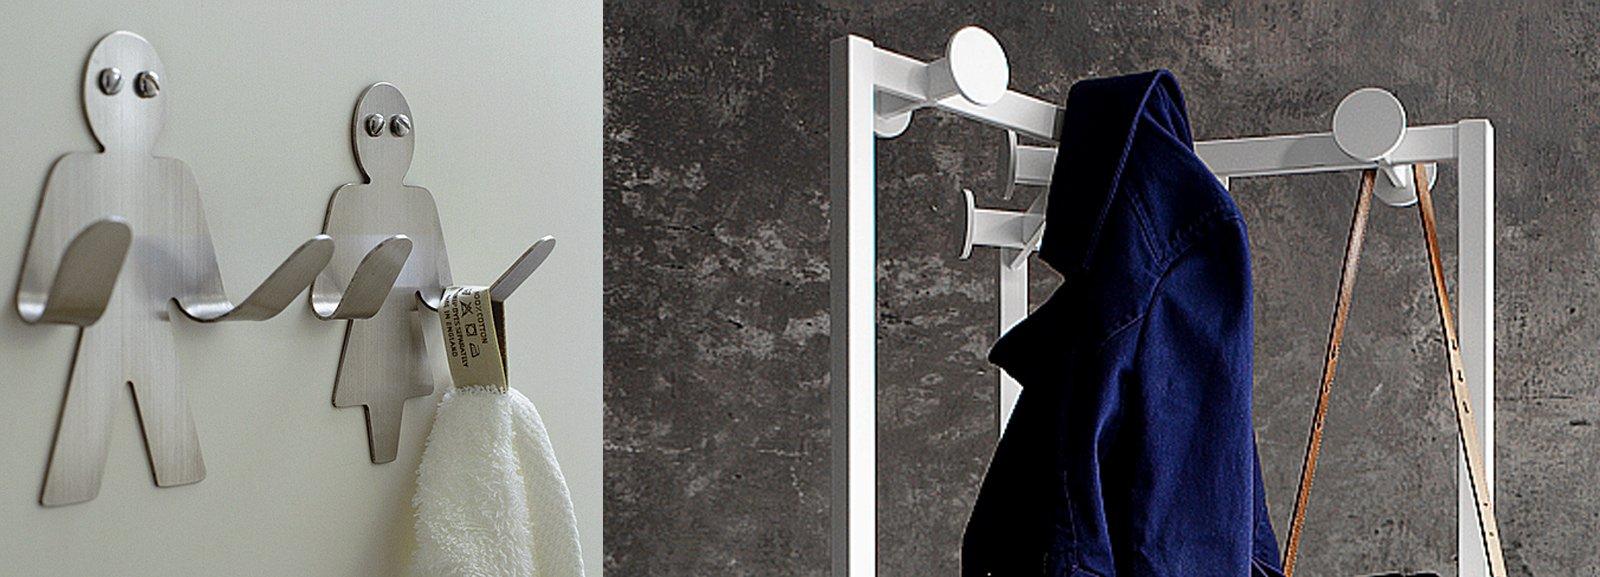 Appendiabiti da terra o da parete i nuovi attaccapanni cose di casa - Appendiabiti da bagno ...